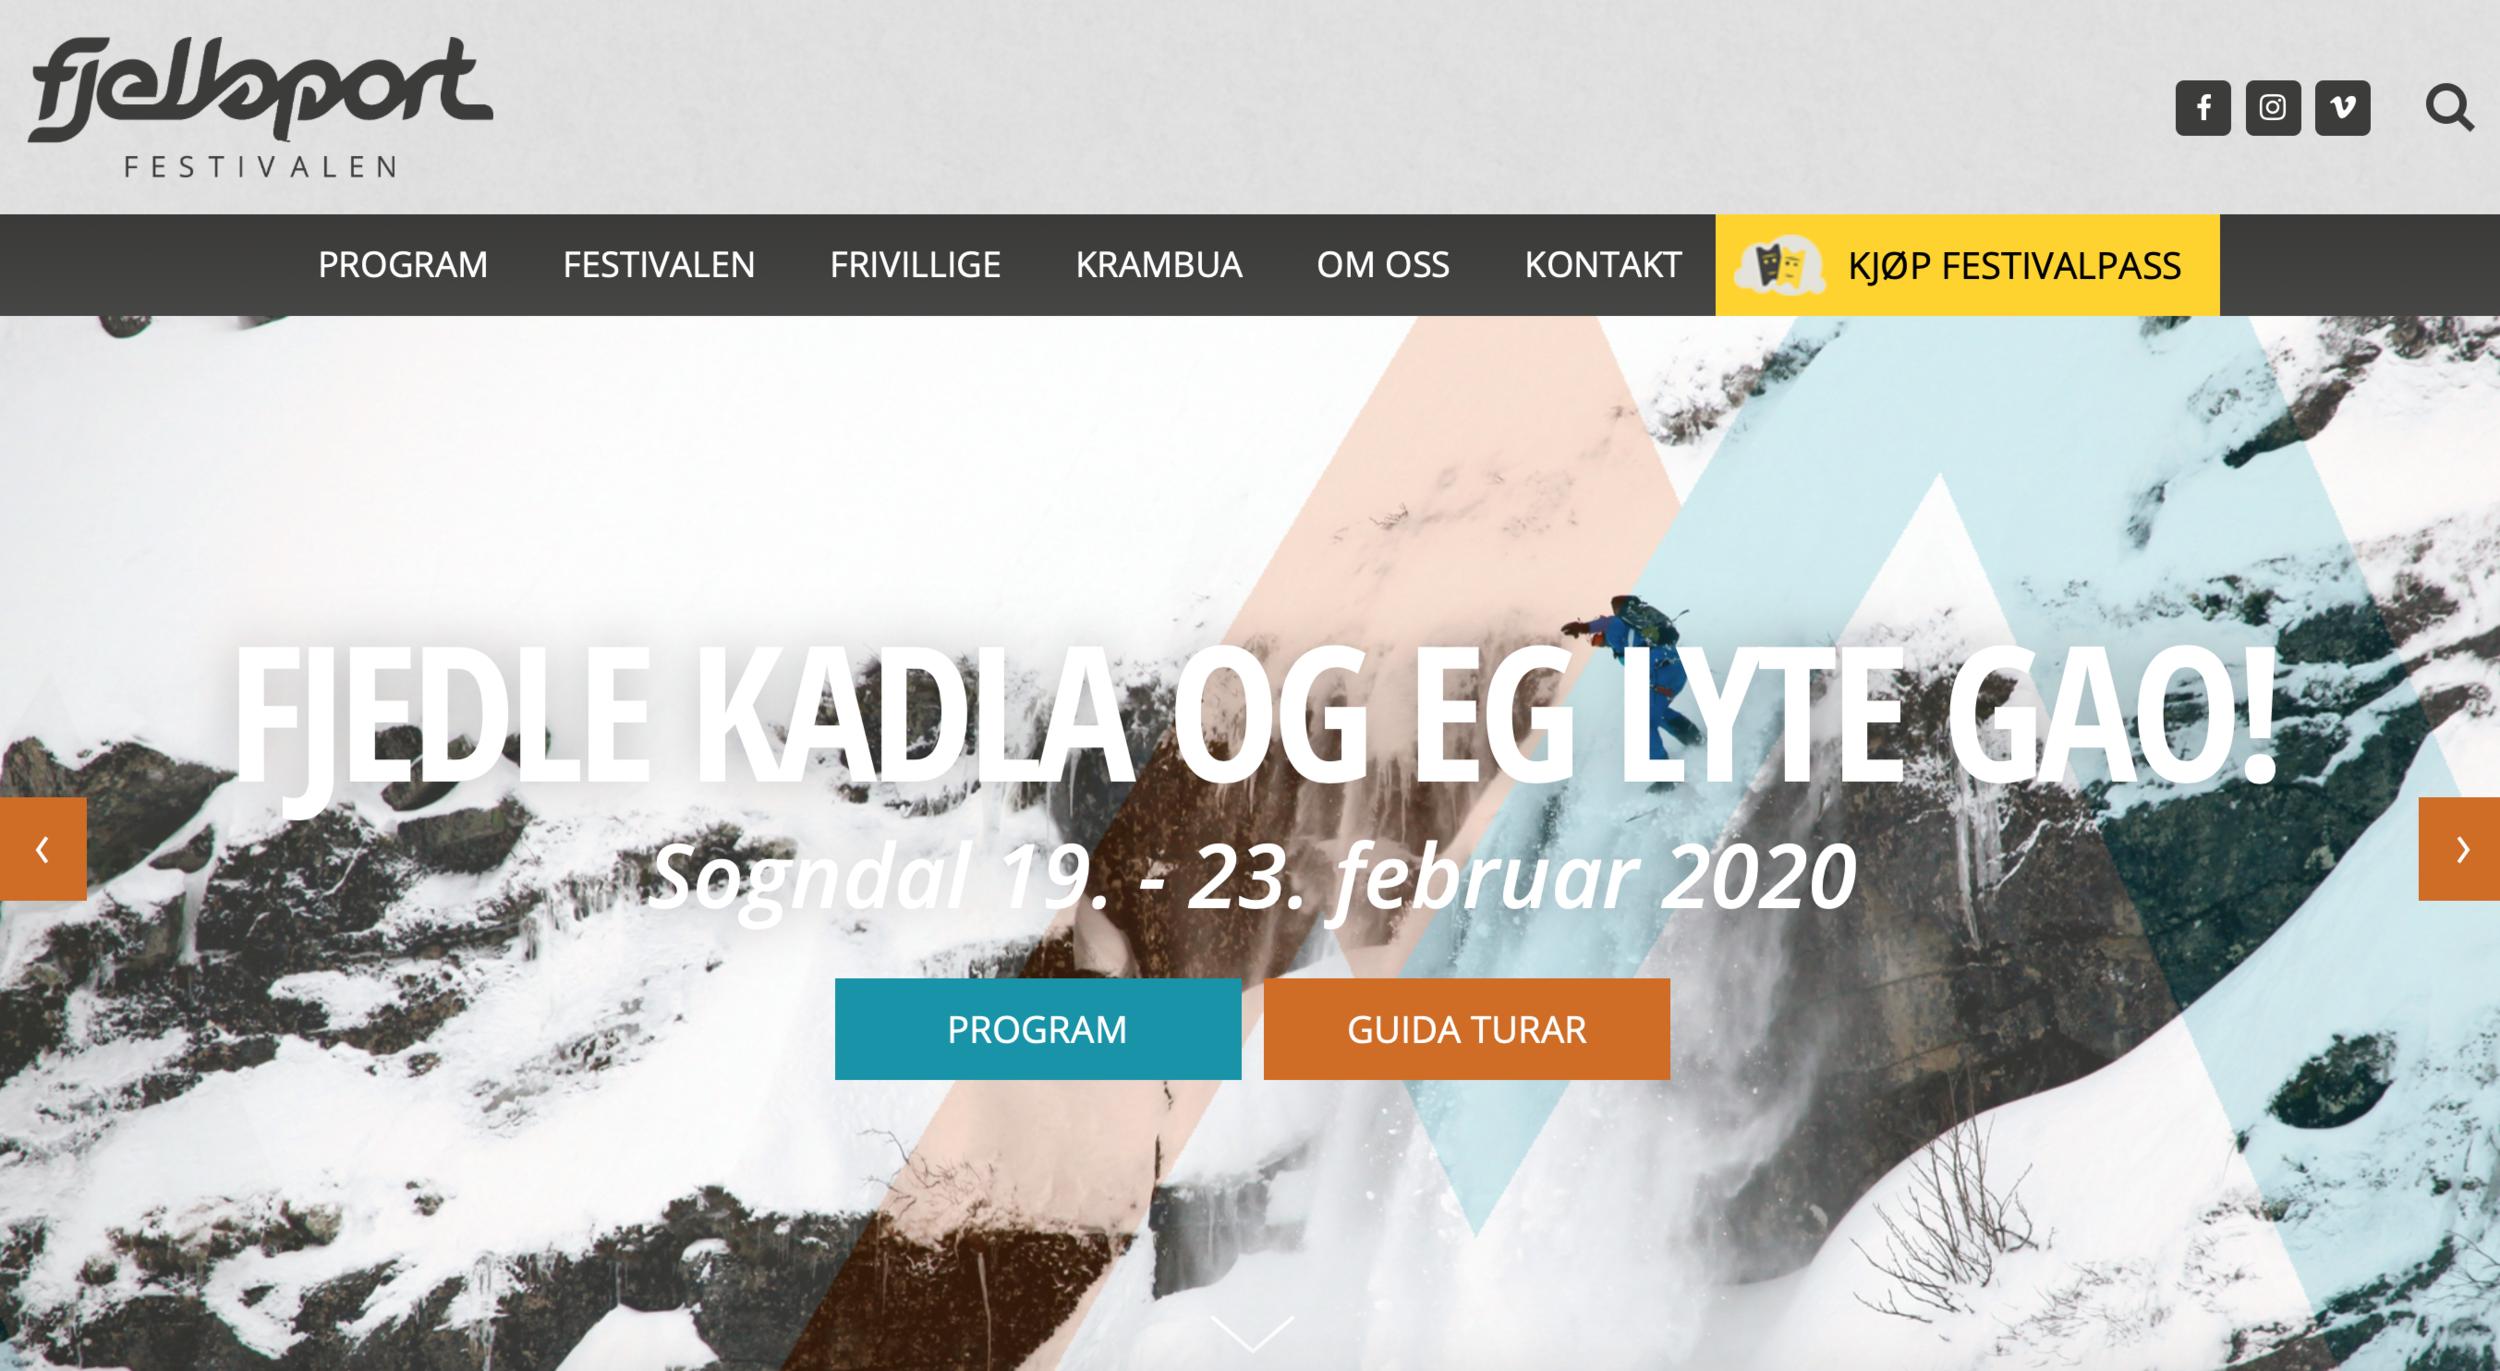 Skjermbilde 2019-09-30 kl. 11.37.05.png